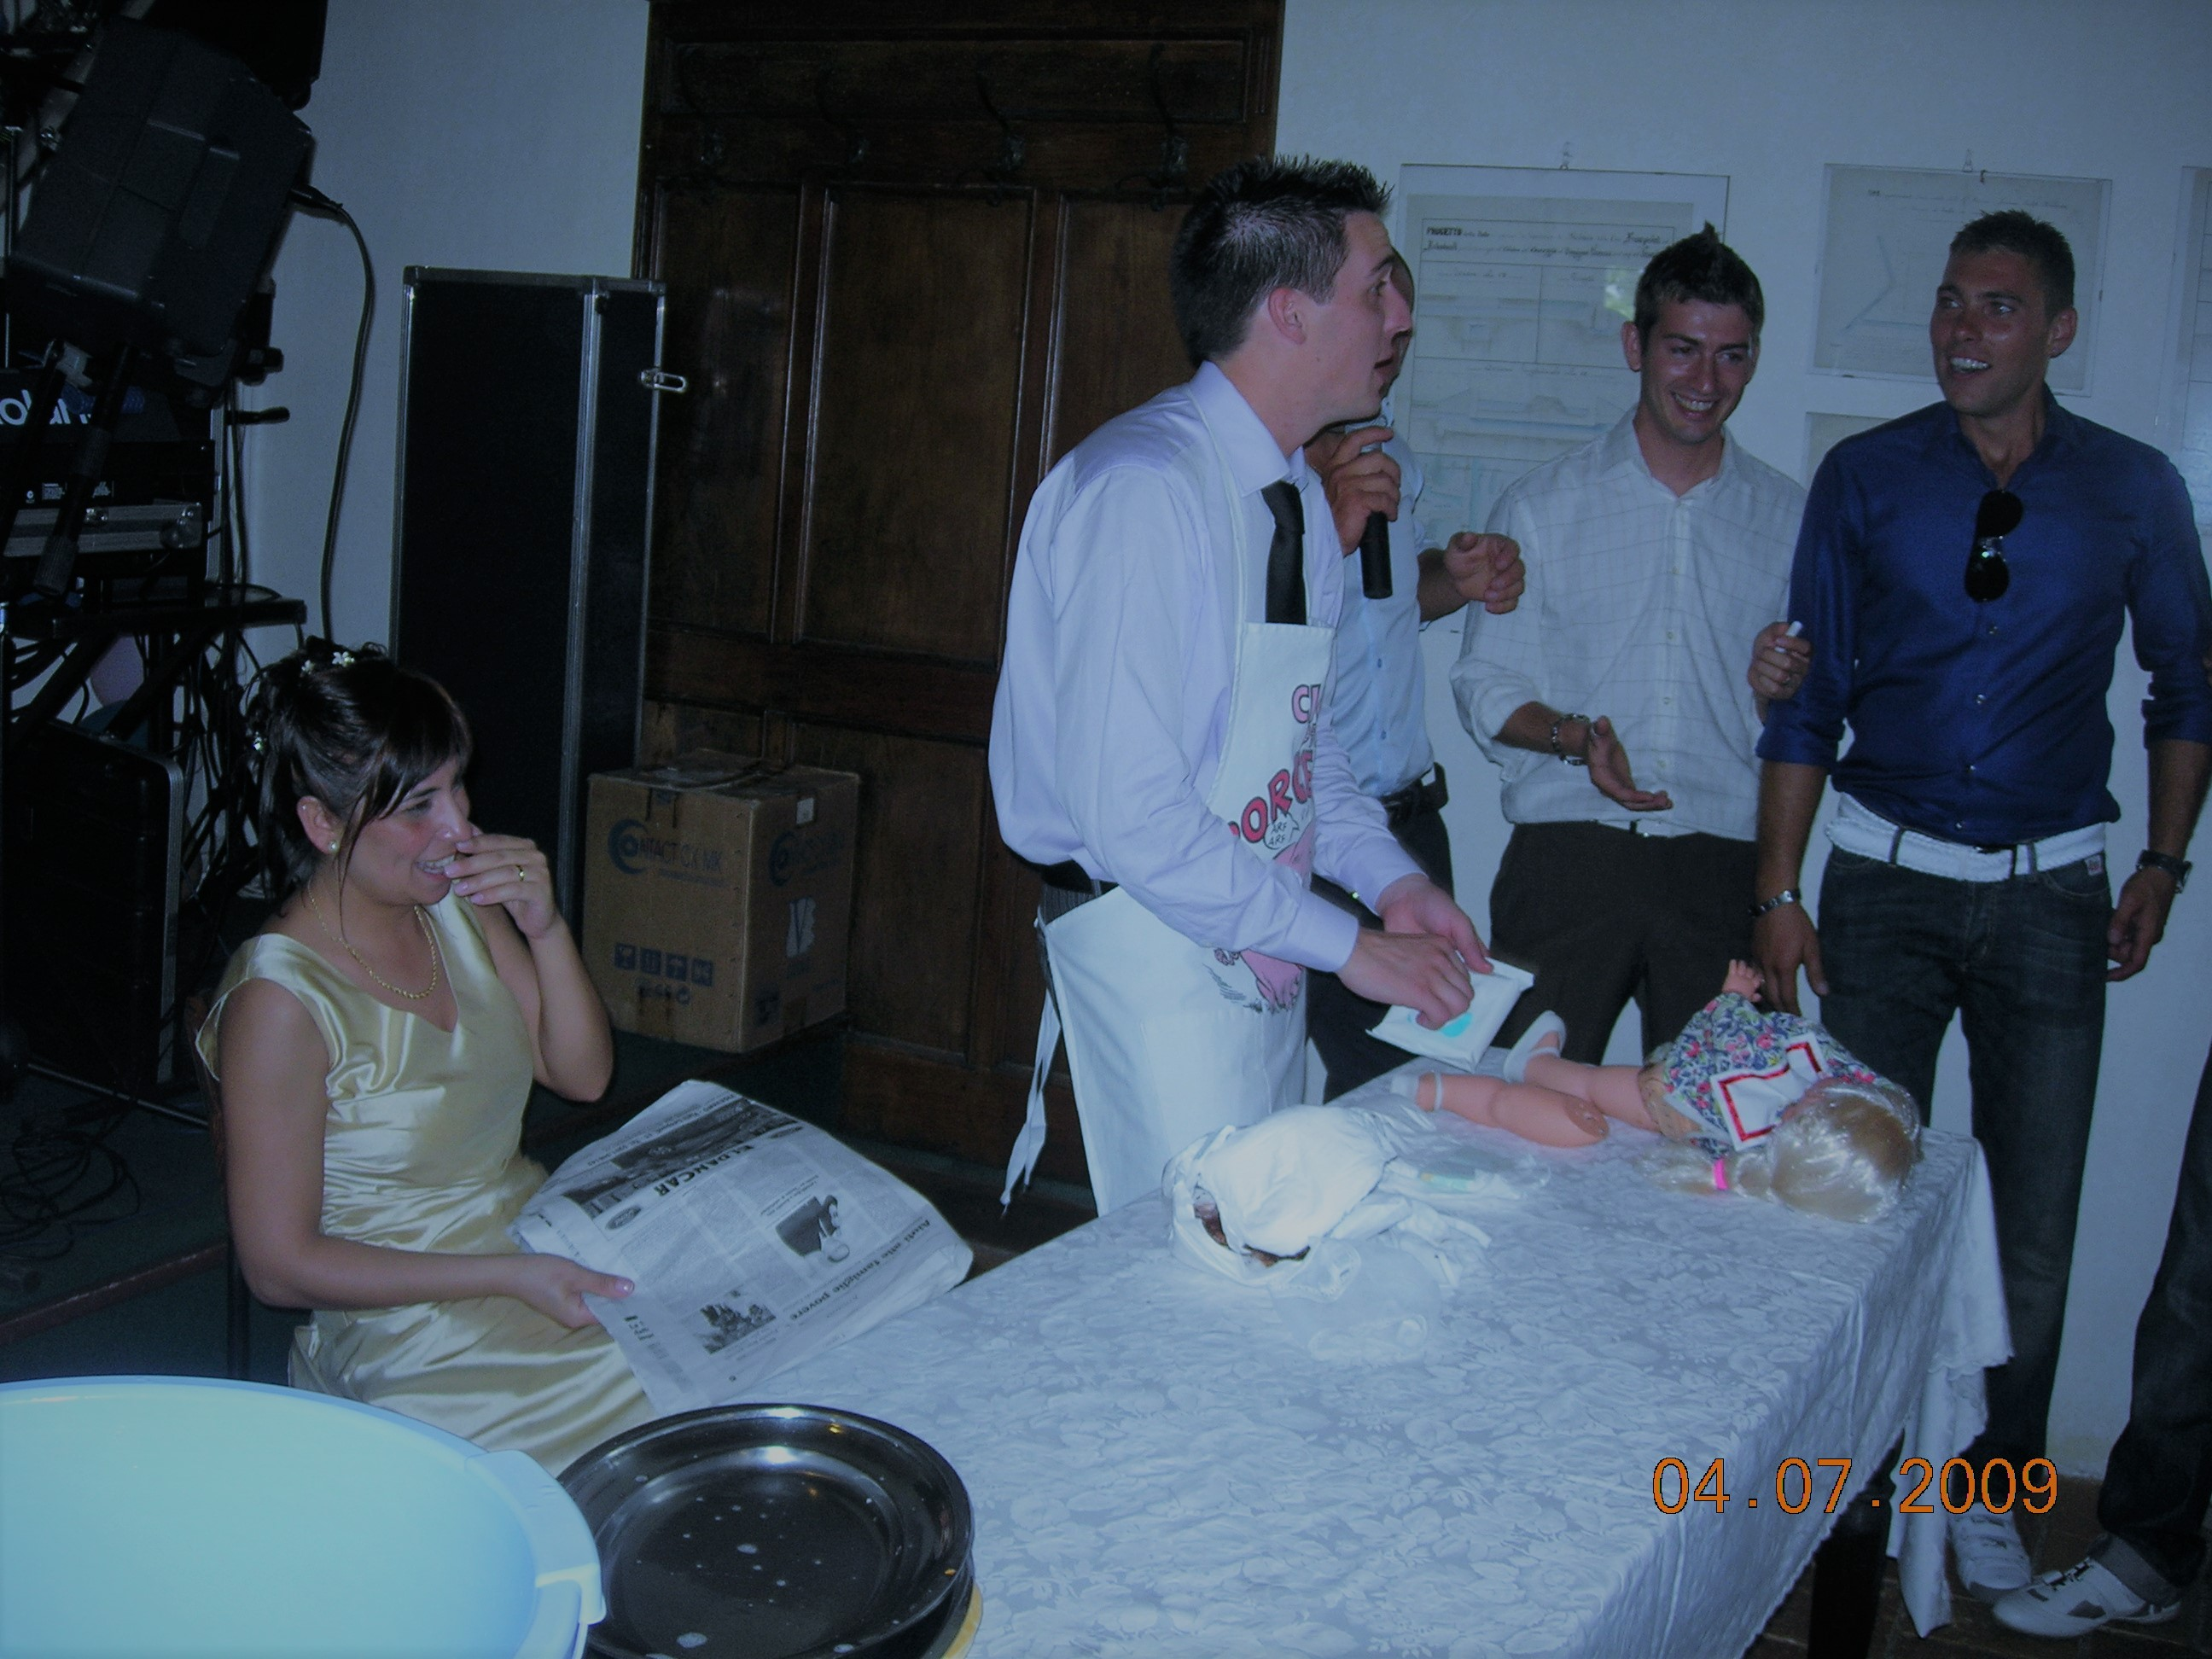 Oscar e Emanuela 04.07.2009 - 048.JPG